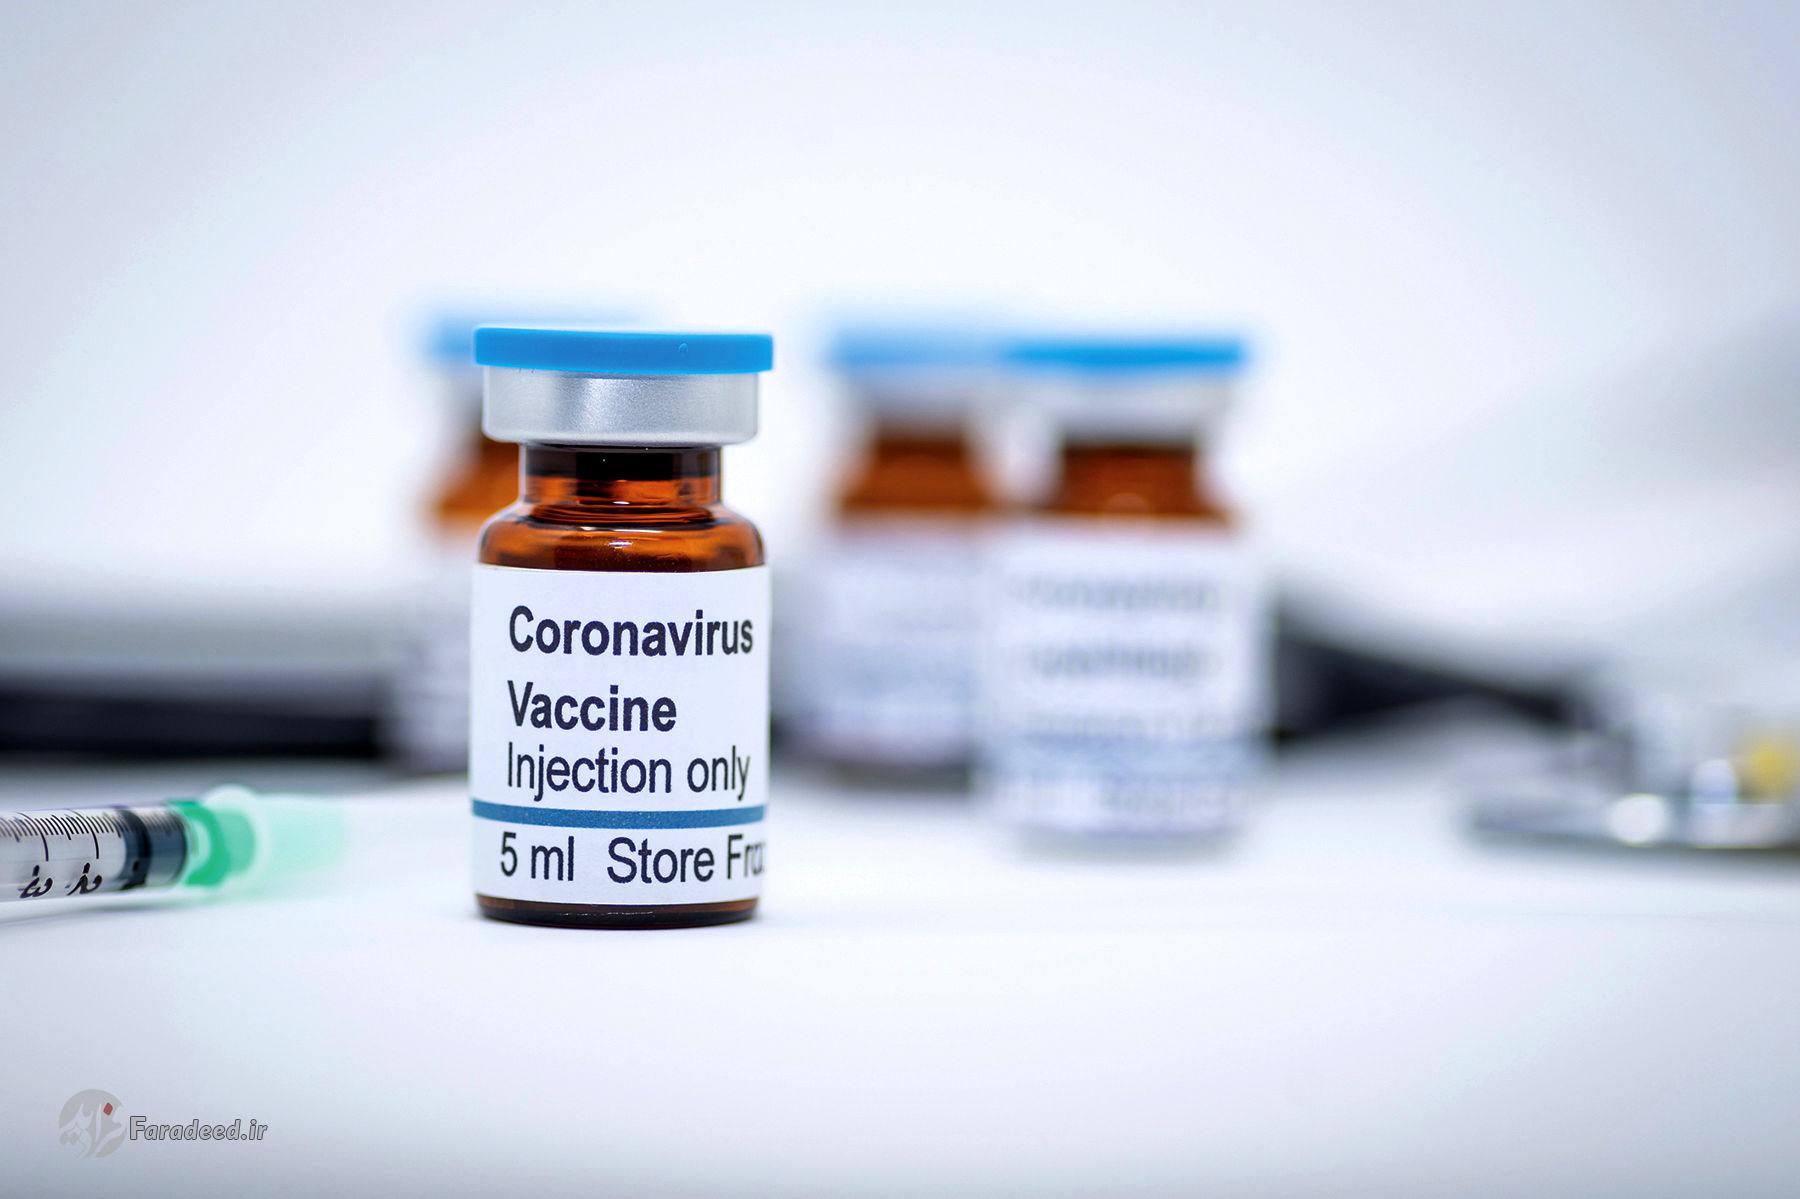 دستیابی به واکسن کرونا ممکن شده است؟